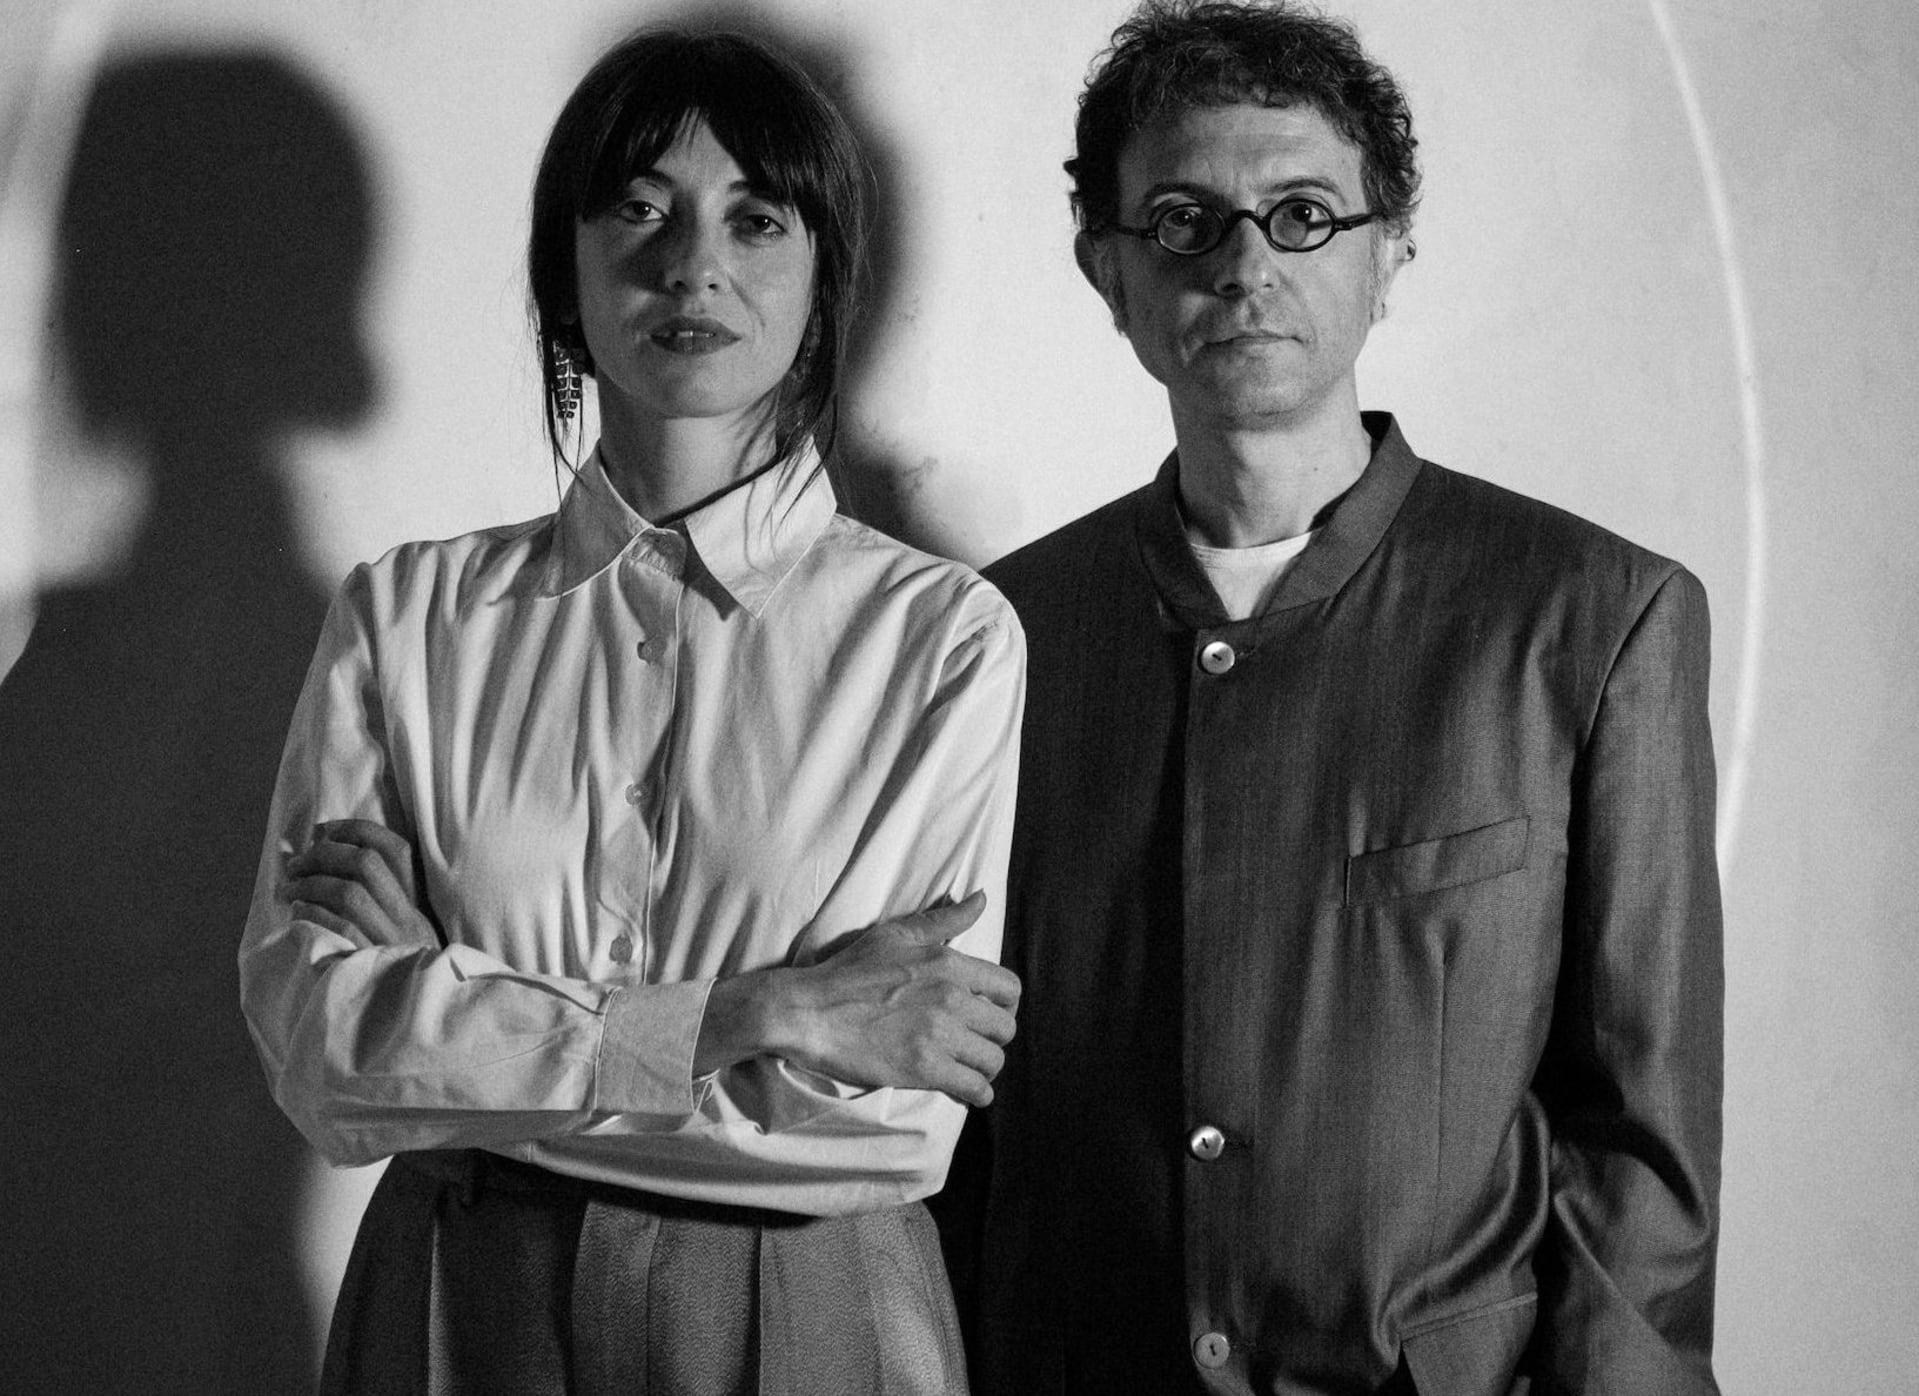 Donato Dozzy și Eva Geist